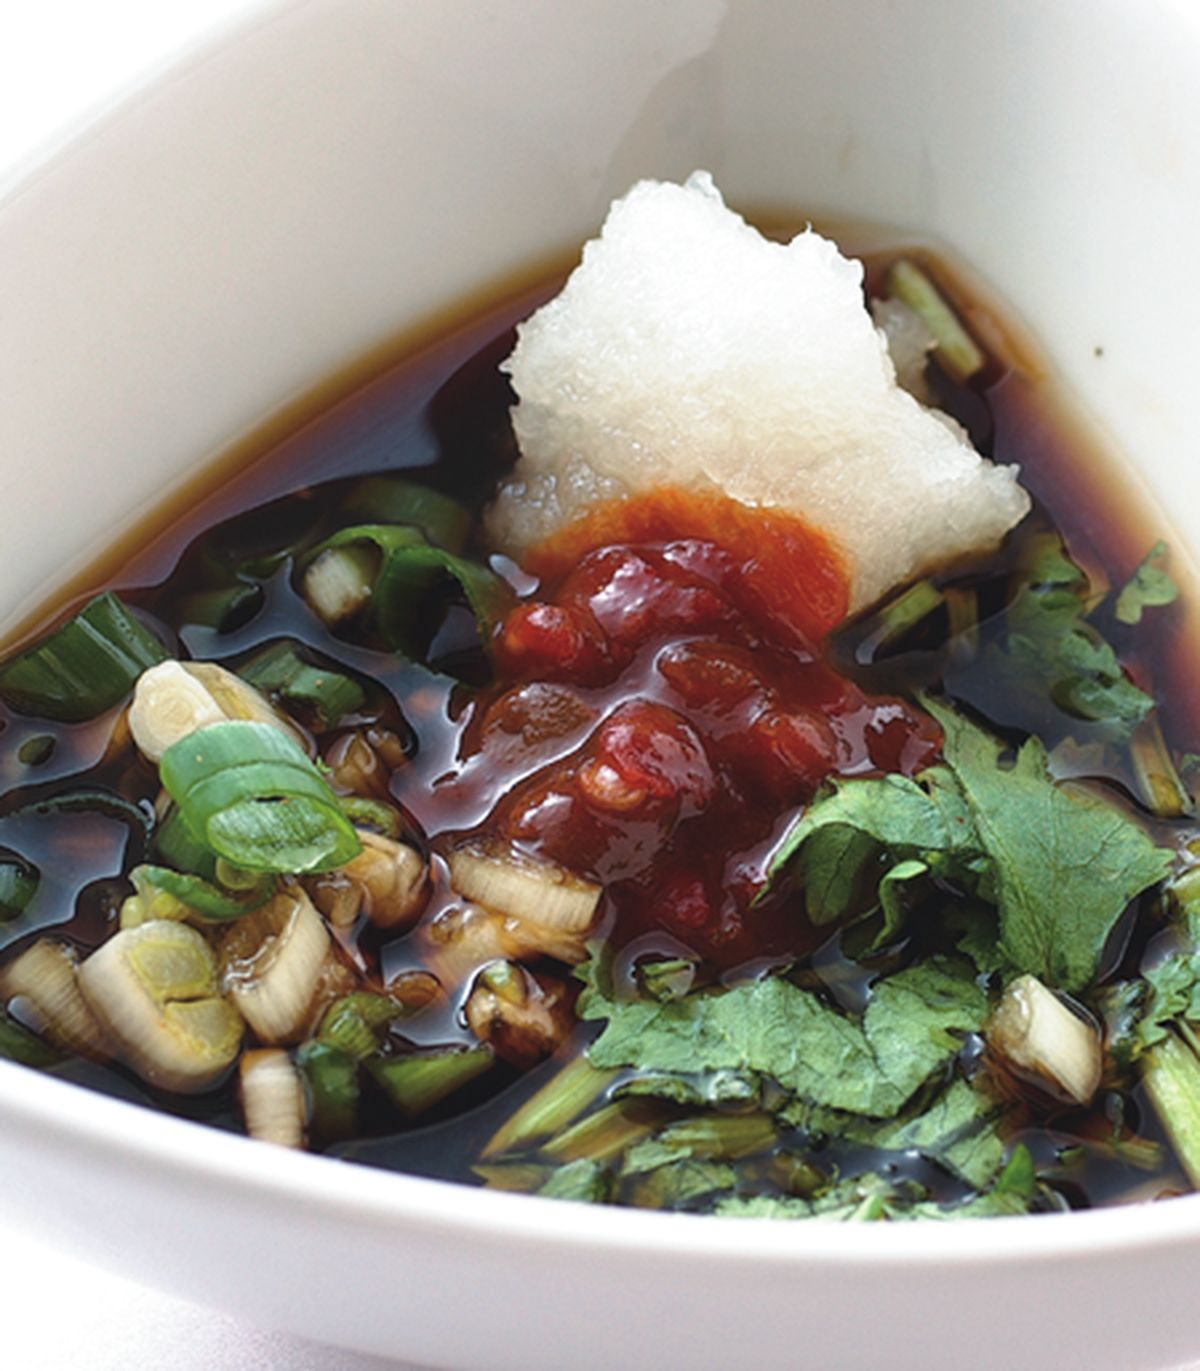 食譜:蔥香蘿蔔泥醬